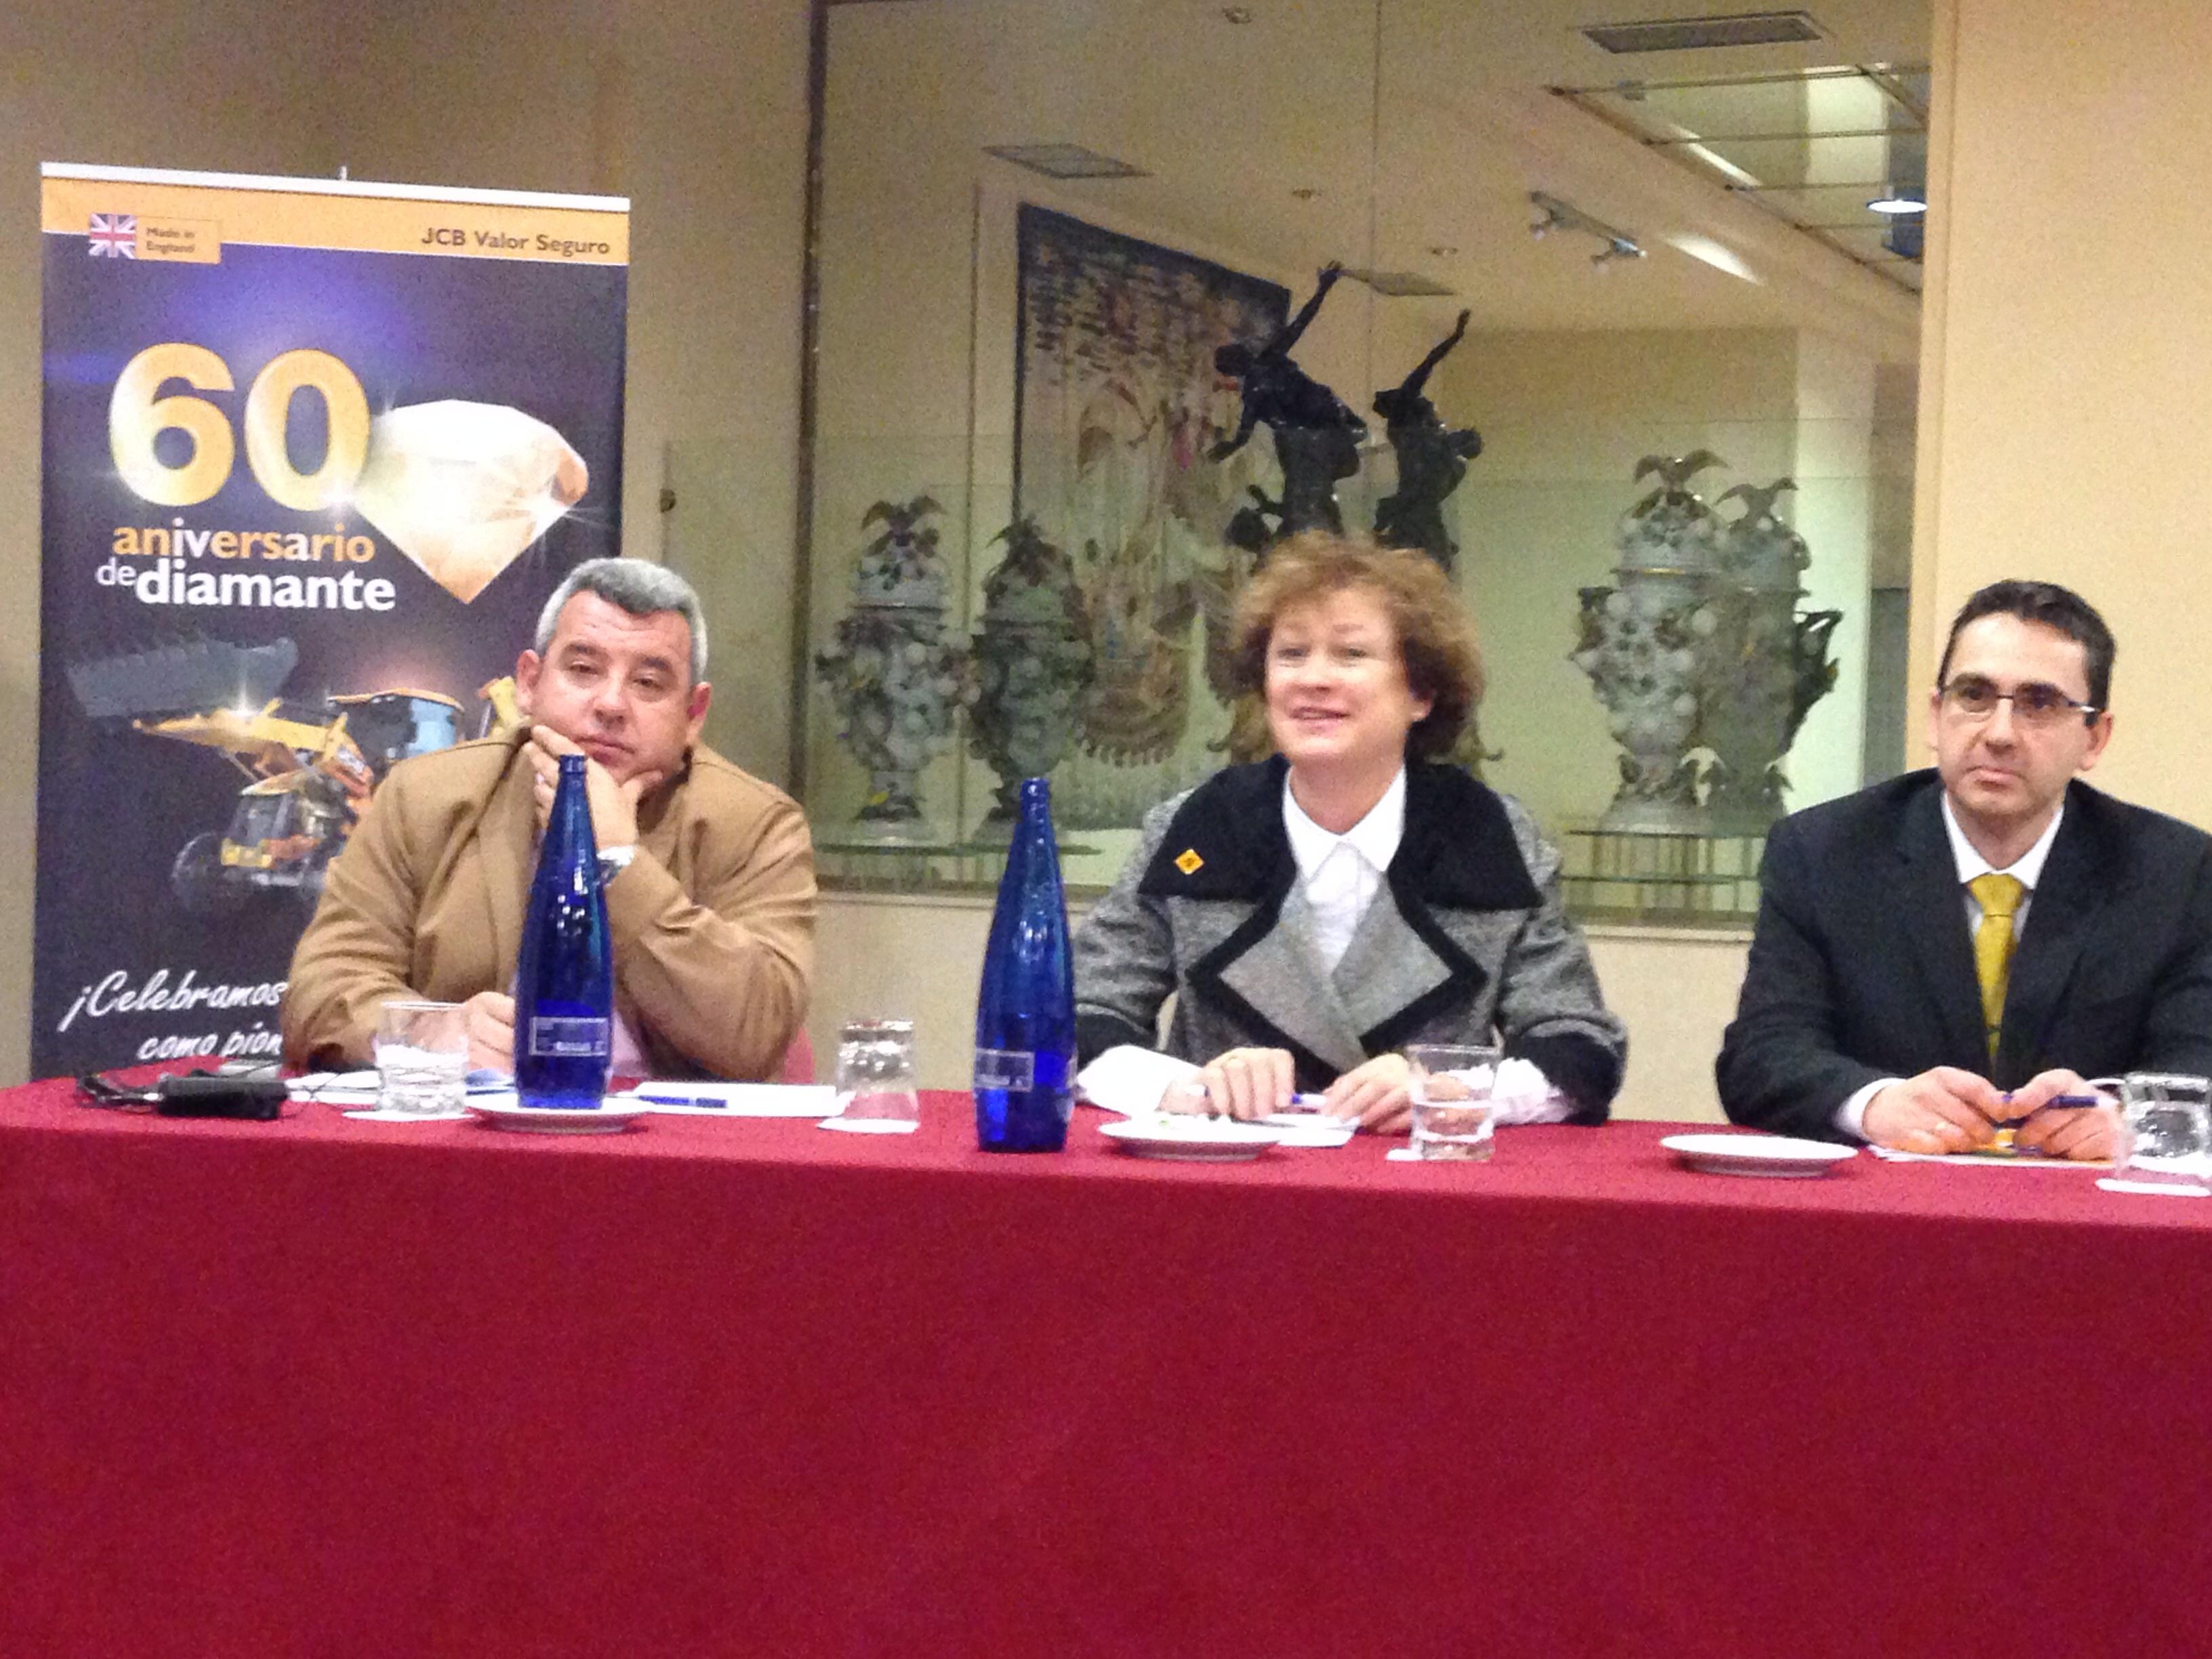 JCB celebra el 60 aniversario de su primera retrocargadora